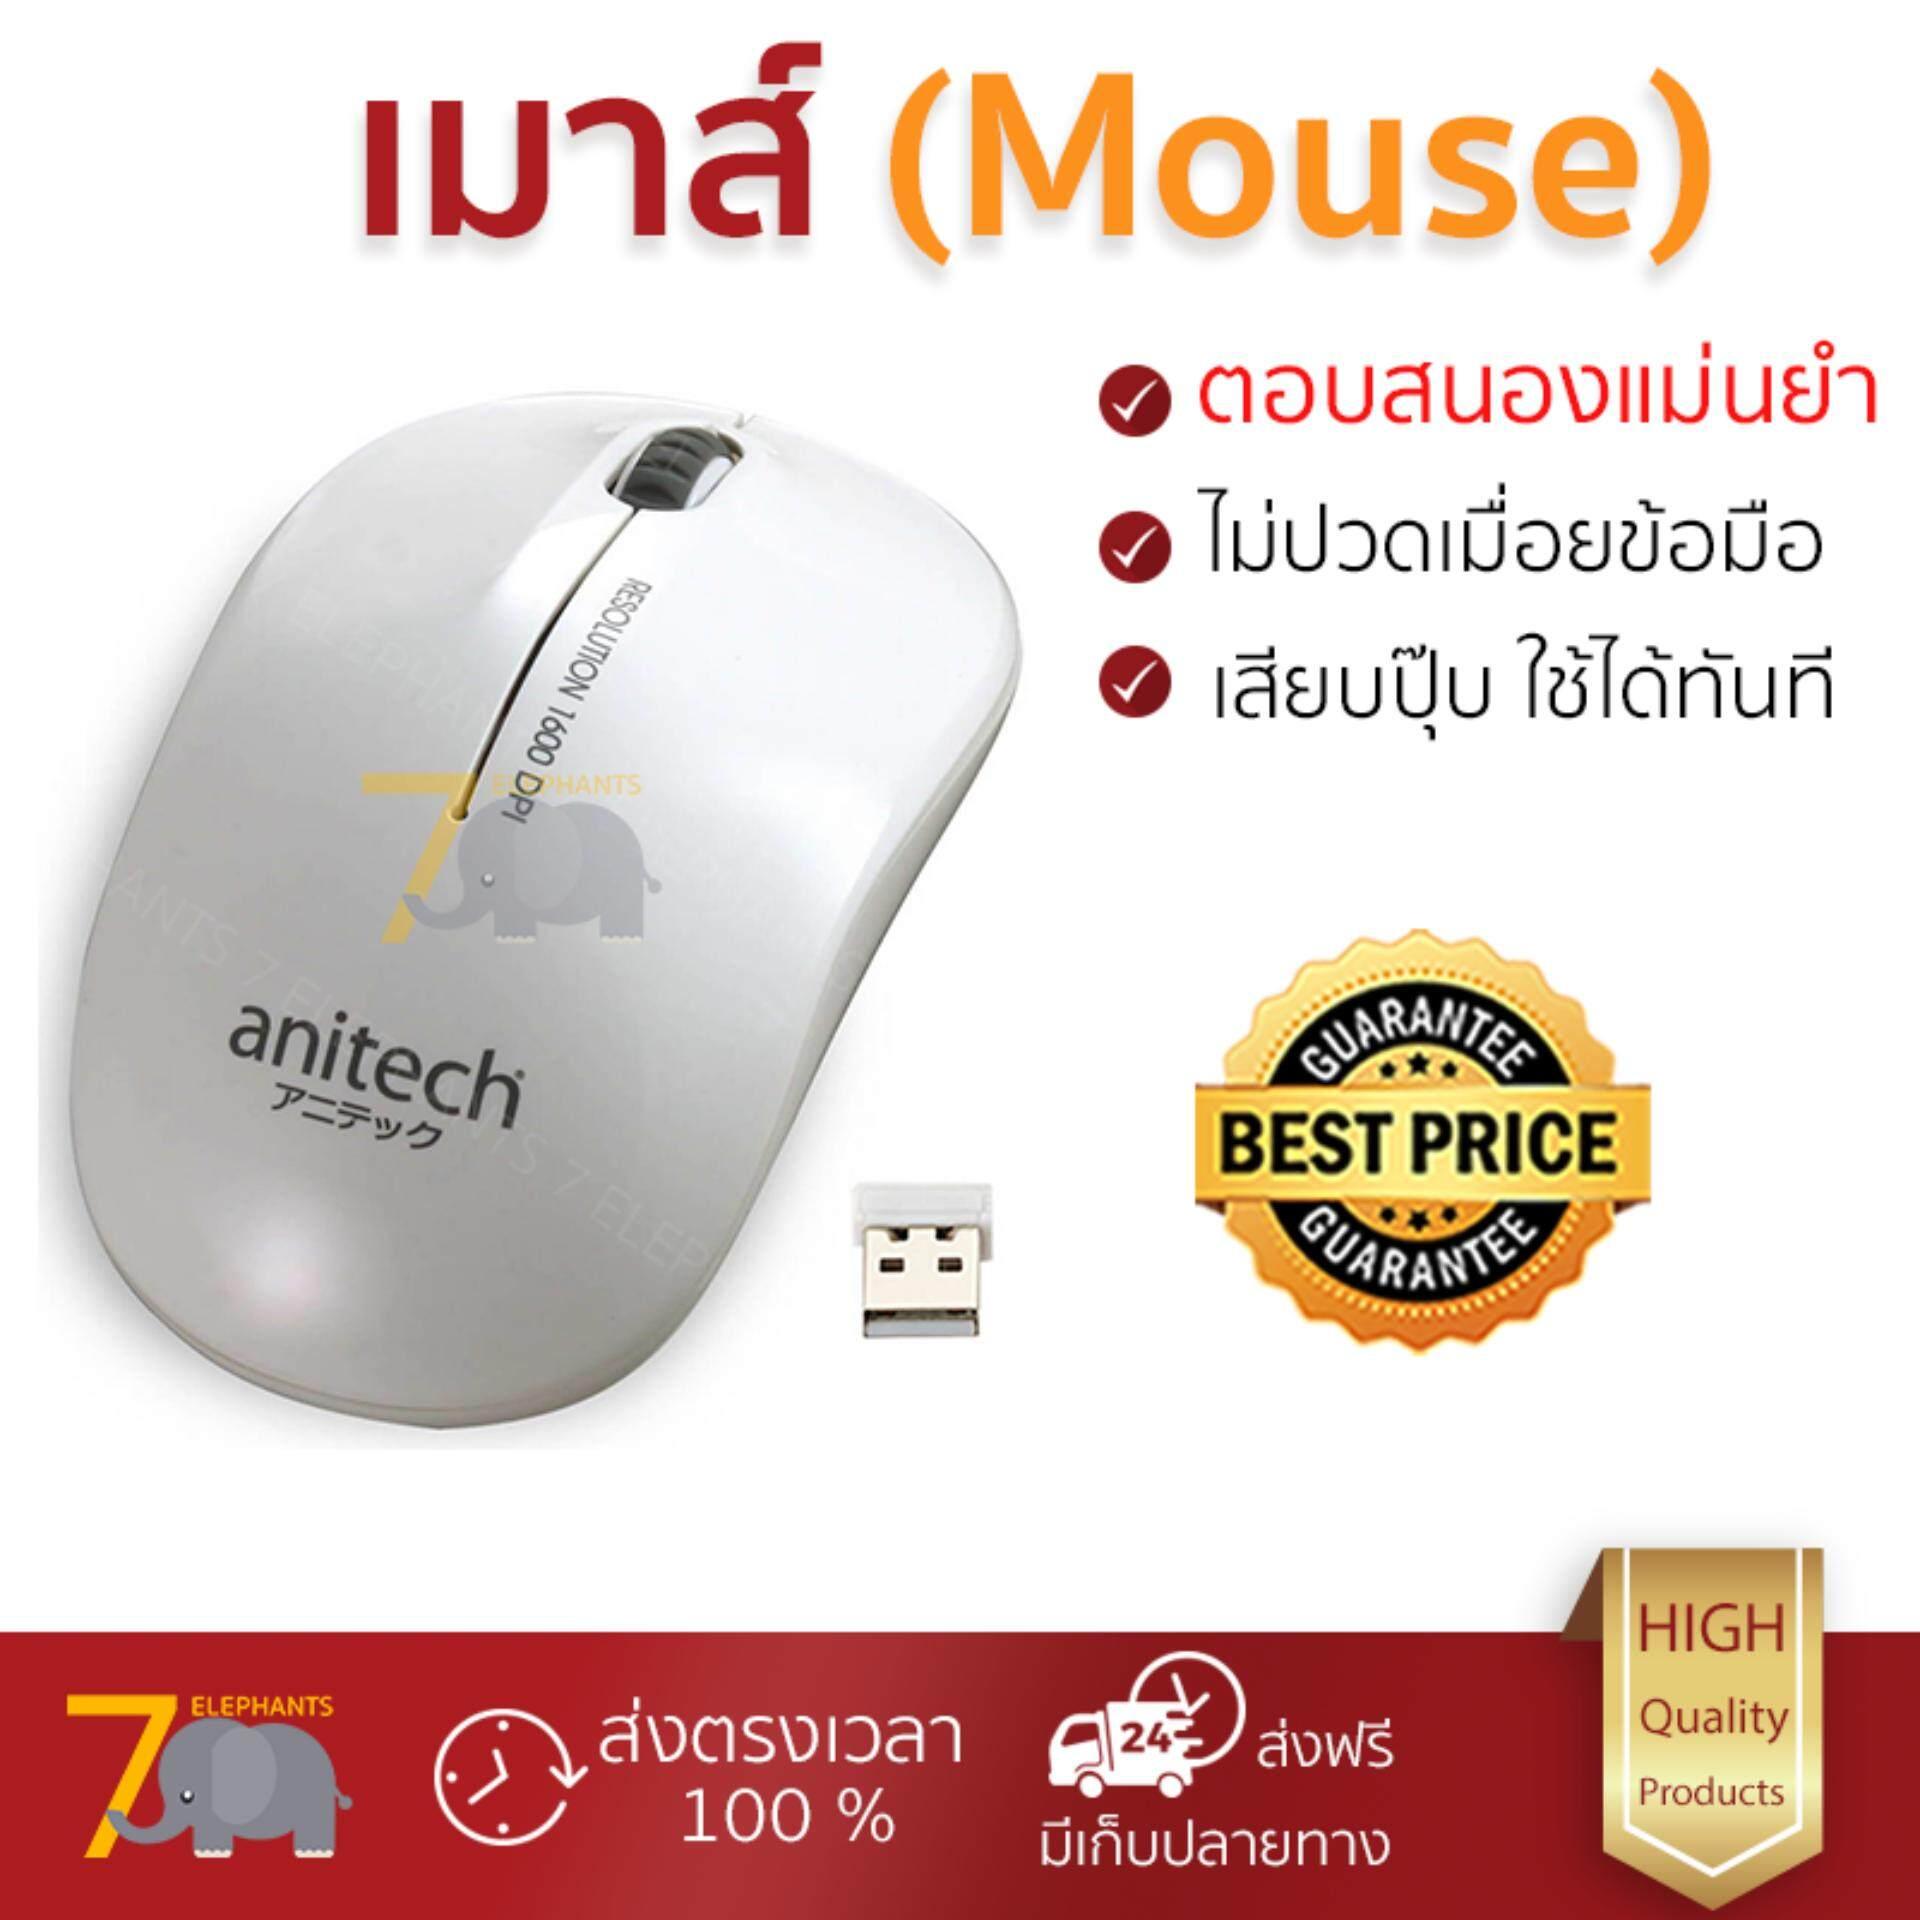 สุดยอดสินค้า!! รุ่นใหม่ล่าสุด เมาส์           ANITECH เมาส์ไร้สาย รุ่น  W213-WH             เซนเซอร์คุณภาพสูง ทำงานได้ลื่นไหล ไม่มีสะดุด Computer Mouse  รับประกันสินค้า 1 ปี จัดส่งฟรี Kerry ทั่วประเทศ